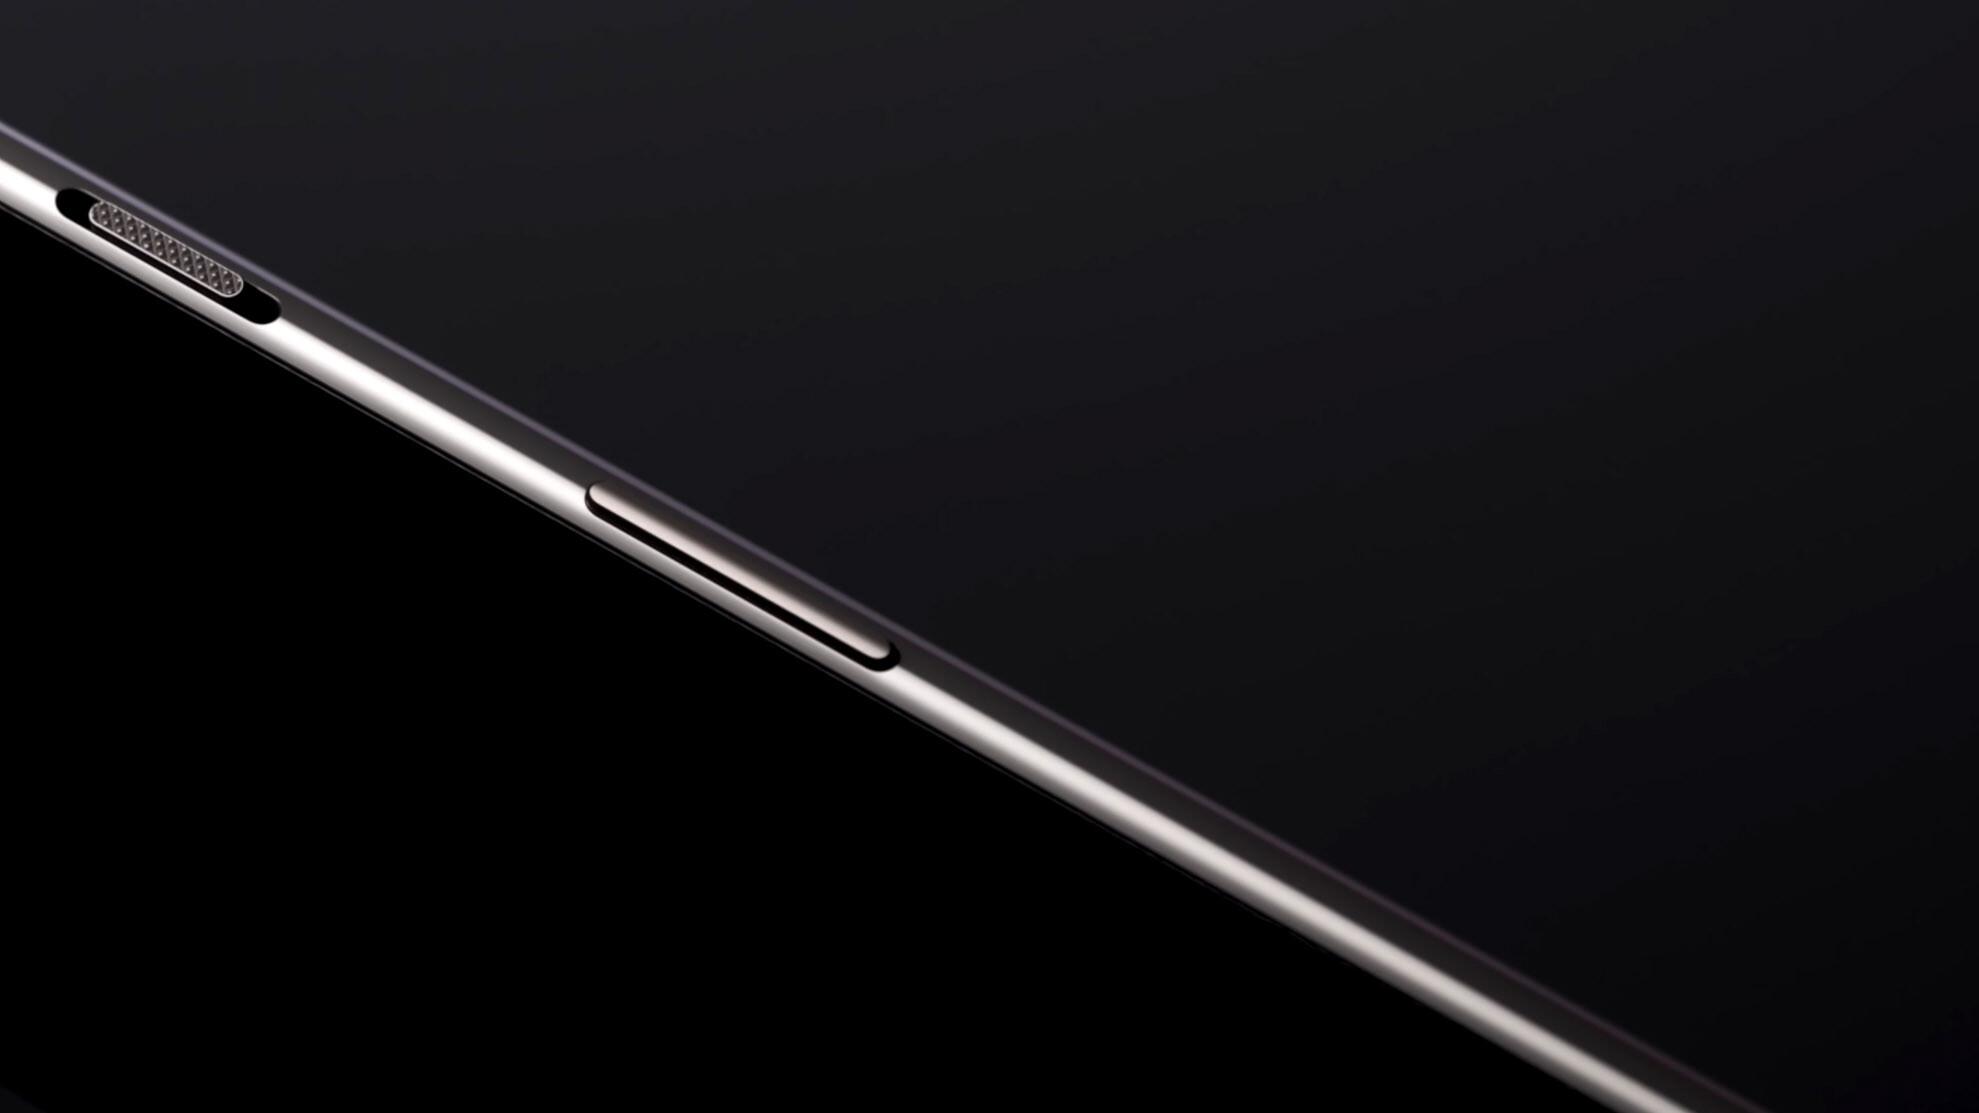 Thông số kỹ thuật của Verizon OnePlus 8 5g so với 8 Pro vs Lite (Z) và so sánh giá trước khi phát hành 2